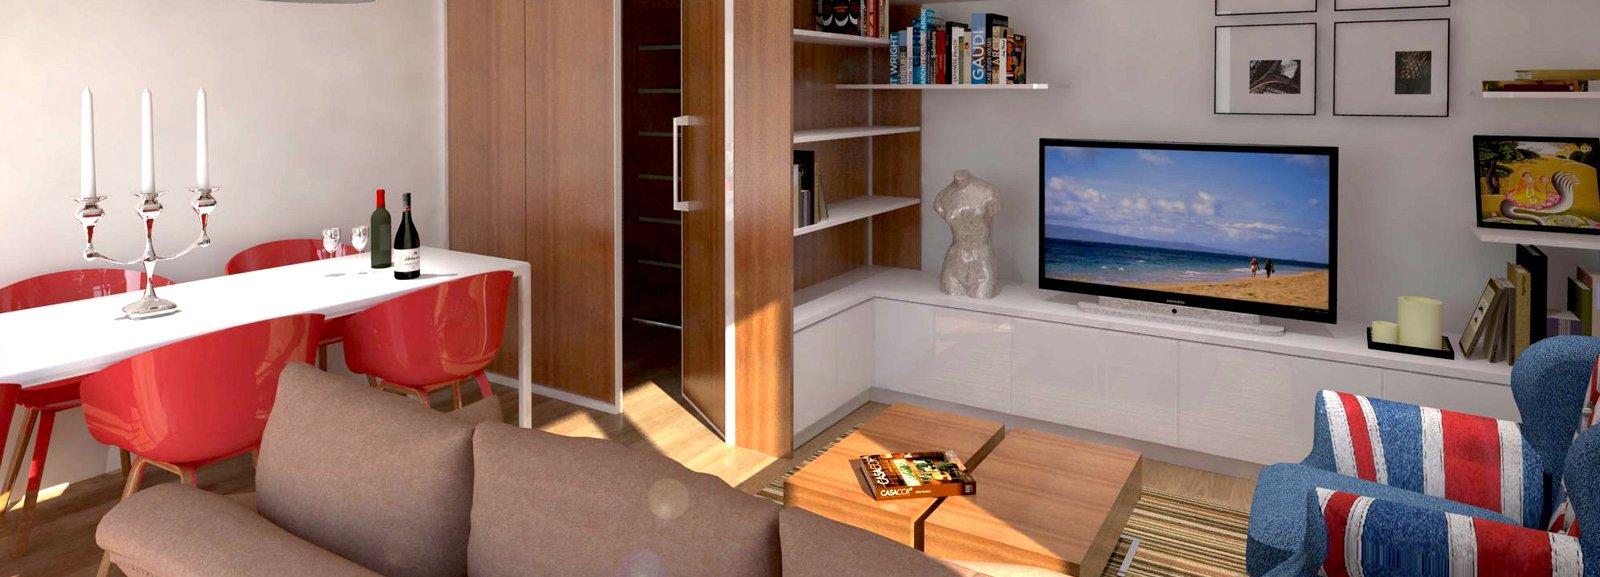 100+ [ come arredare soggiorno ] | come arredare un soggiorno ... - Arredamento Piccolo Soggiorno Con Angolo Cottura